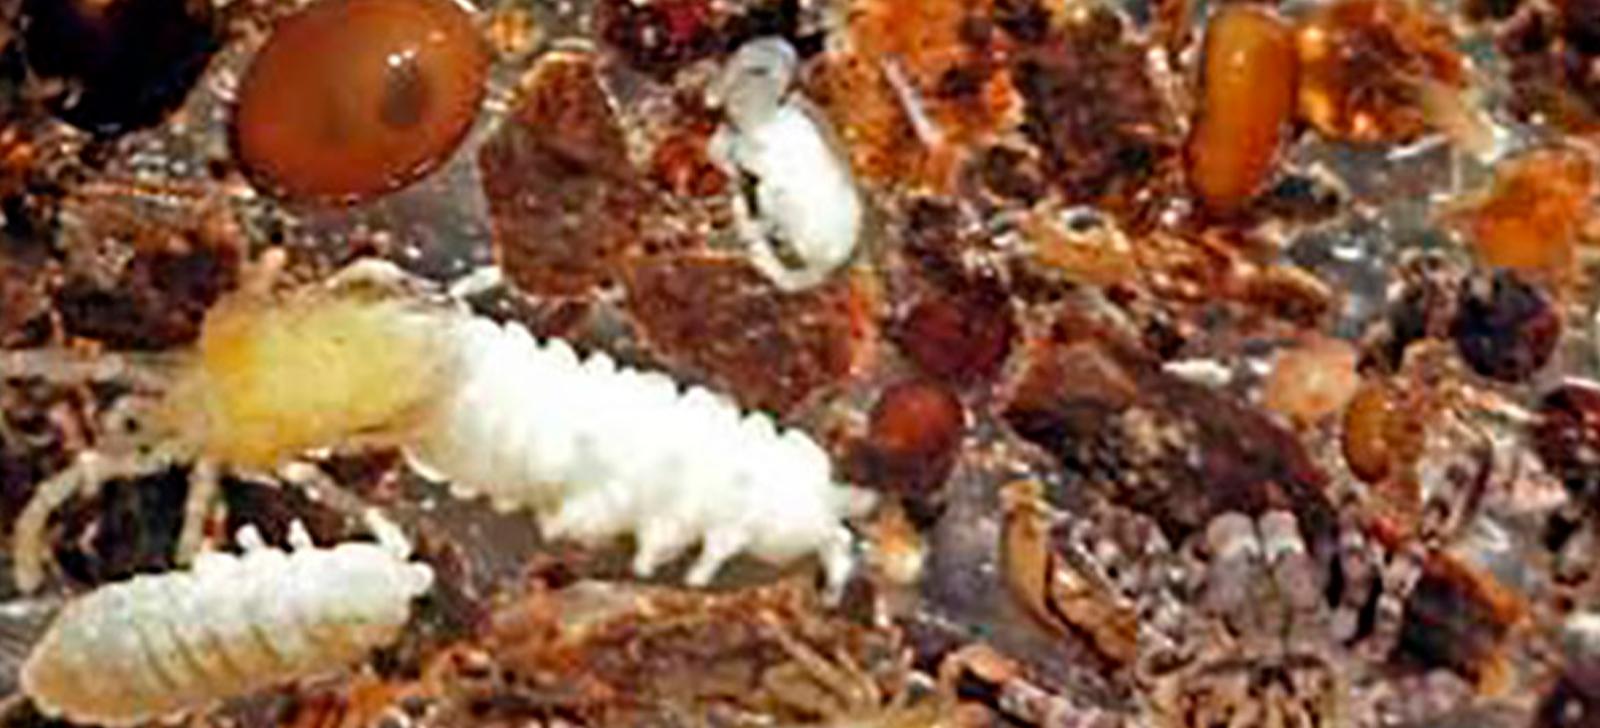 promip manejo integrado de pragas controle biologico acarofauna